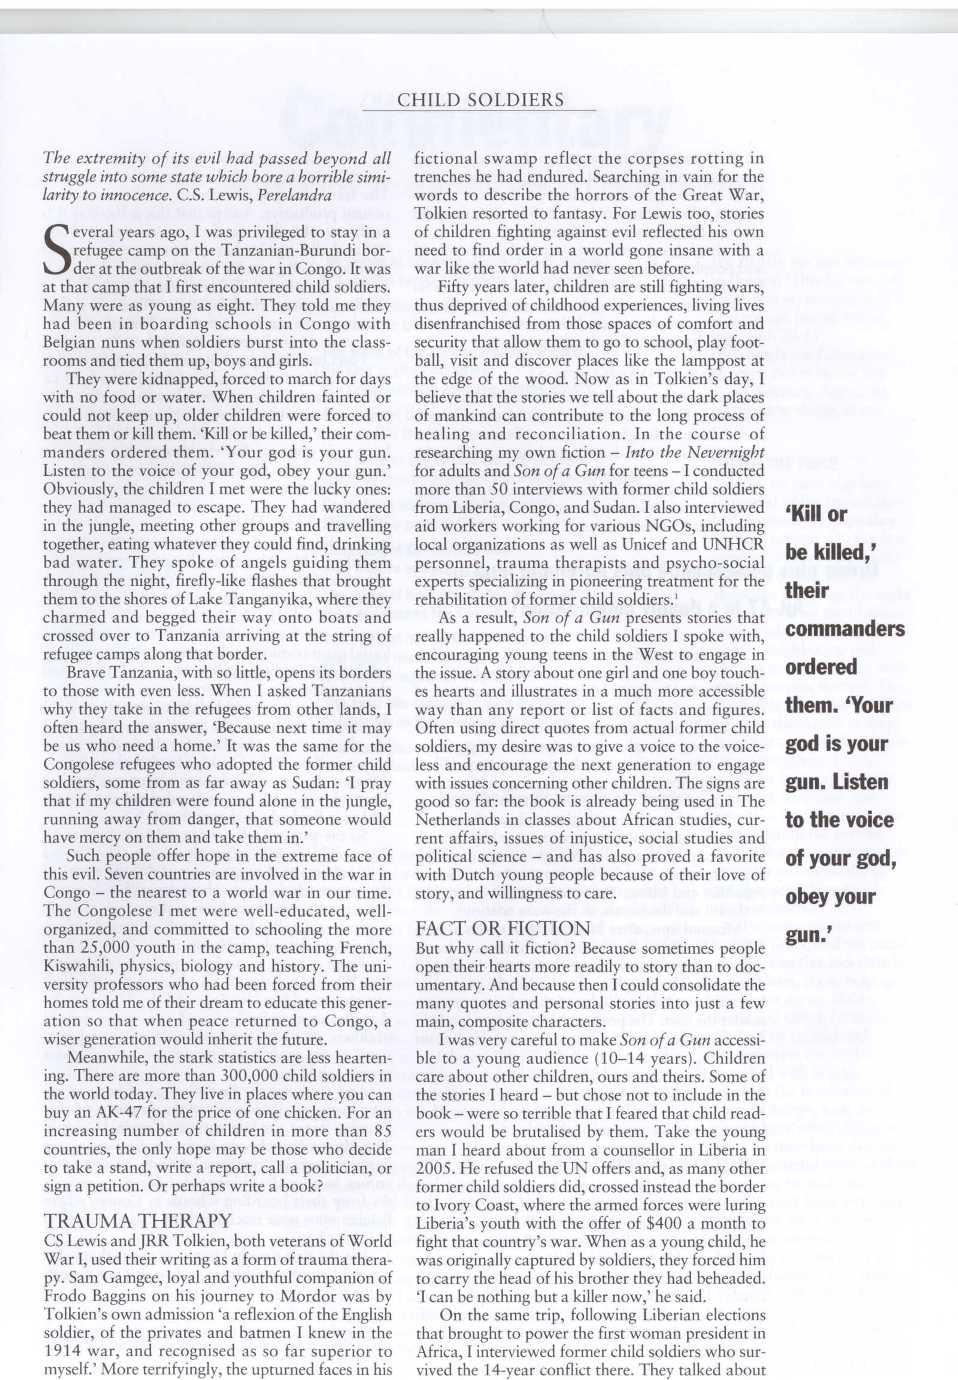 story-pg-1.jpg